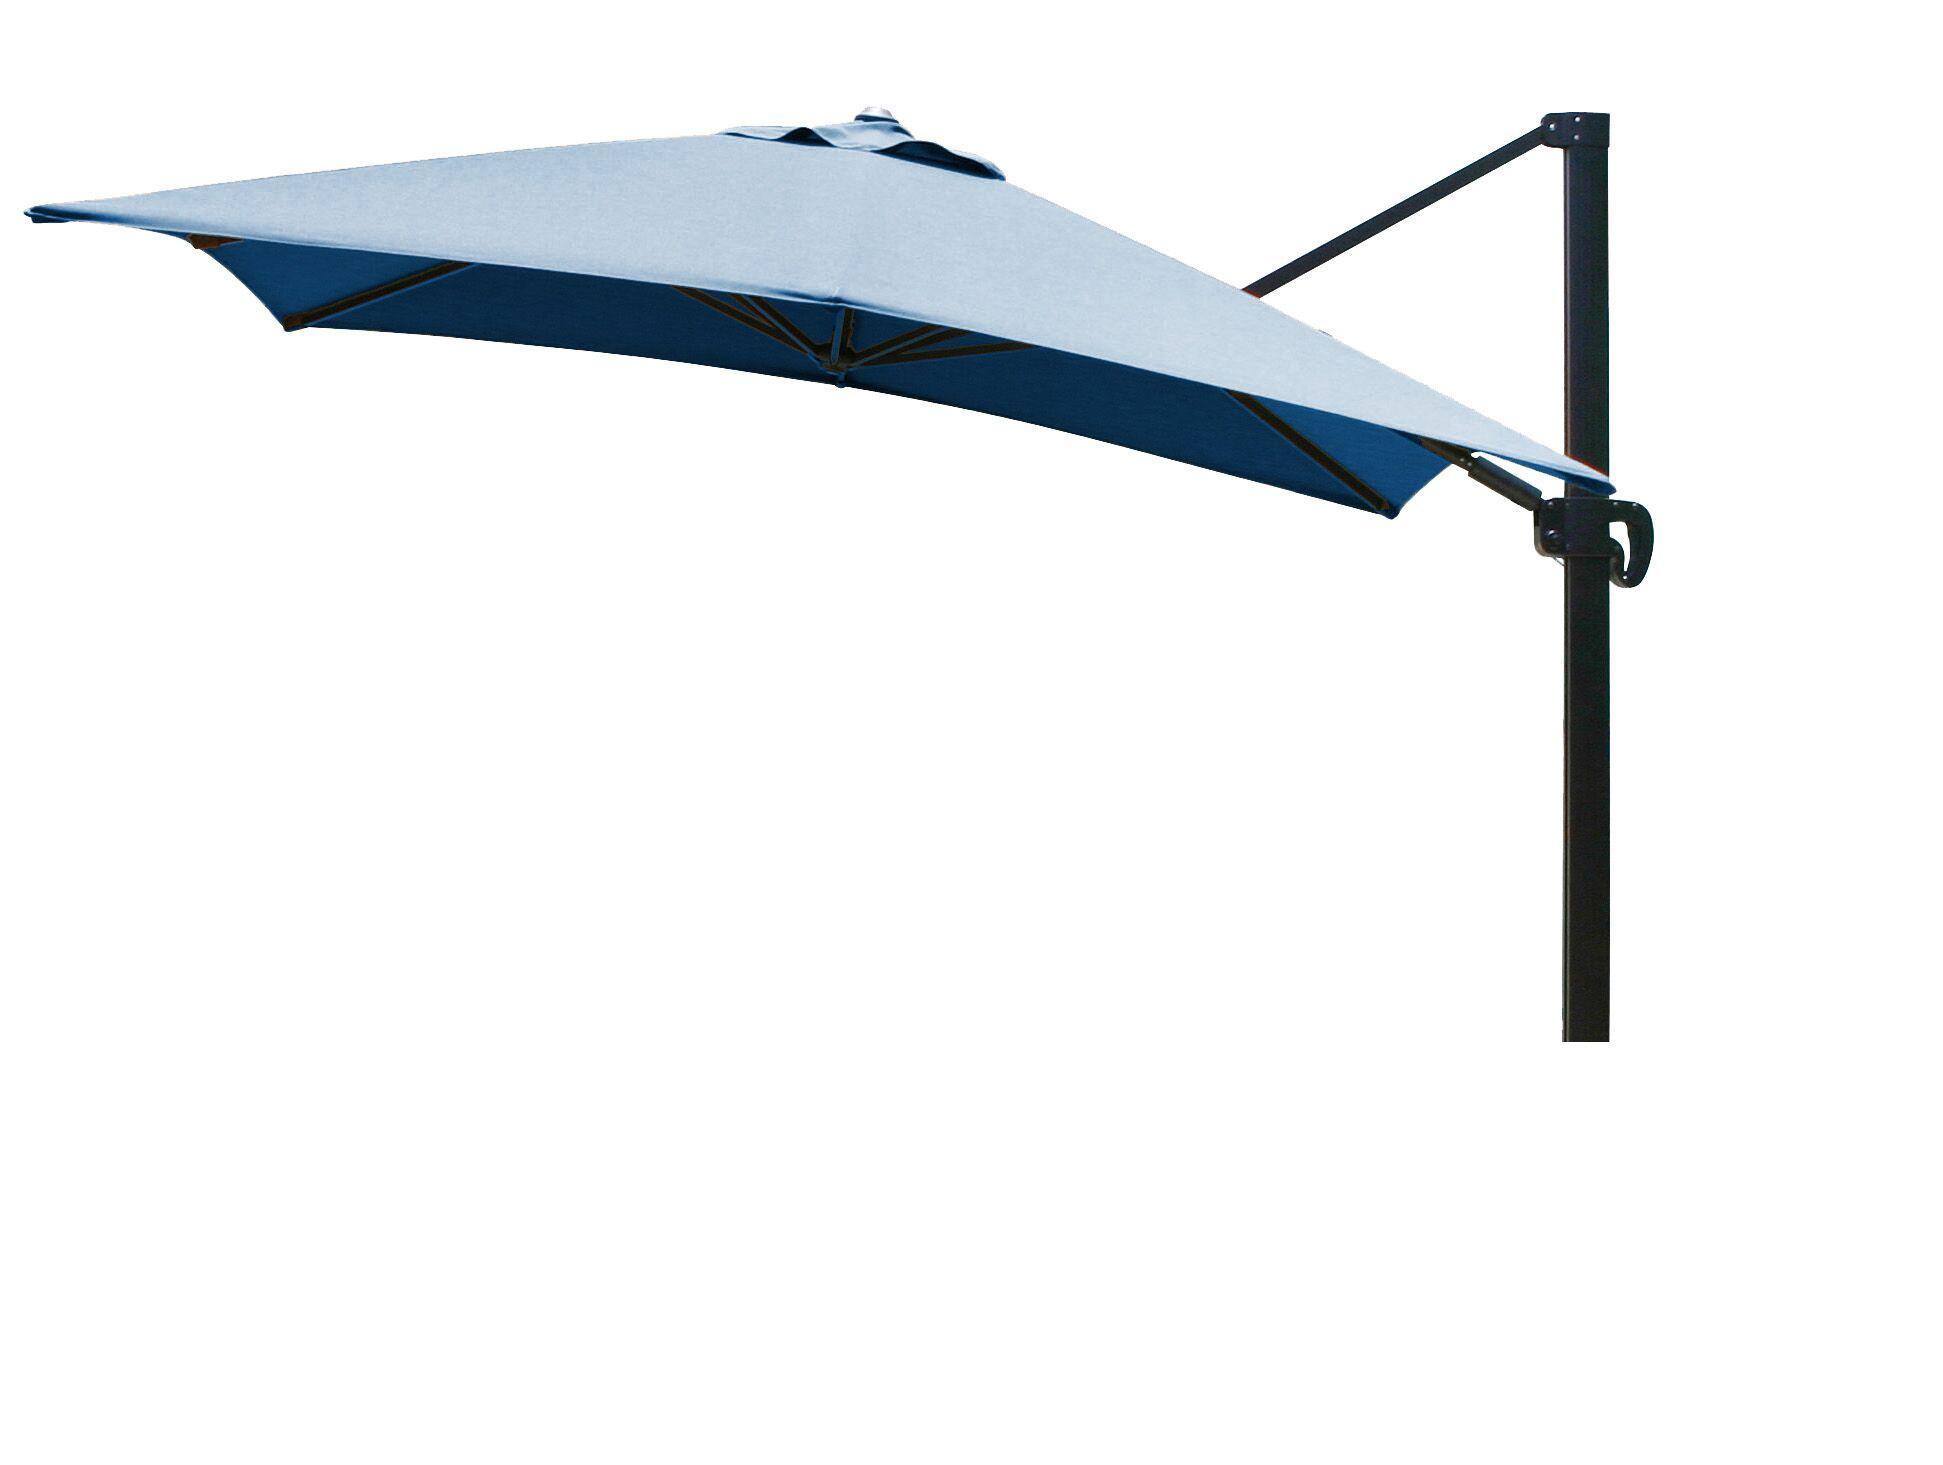 10' Square Cantilever Umbrella Fabric: Sunbrella A Pacific Blue, Color: Bronze